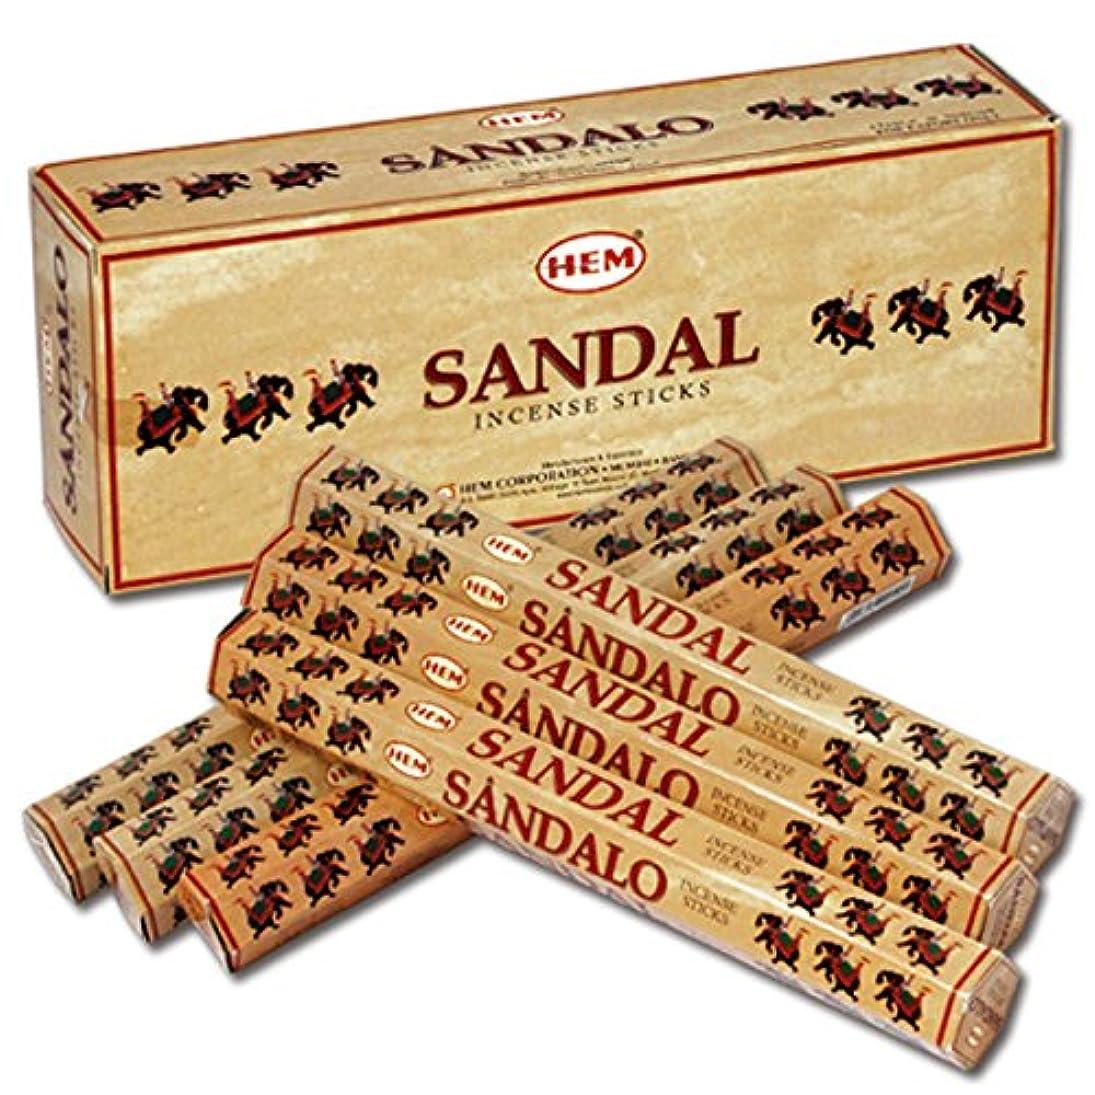 残る海賊不条理HEM(ヘム) サンダル SANDAL スティックタイプ お香 6筒 セット [並行輸入品]